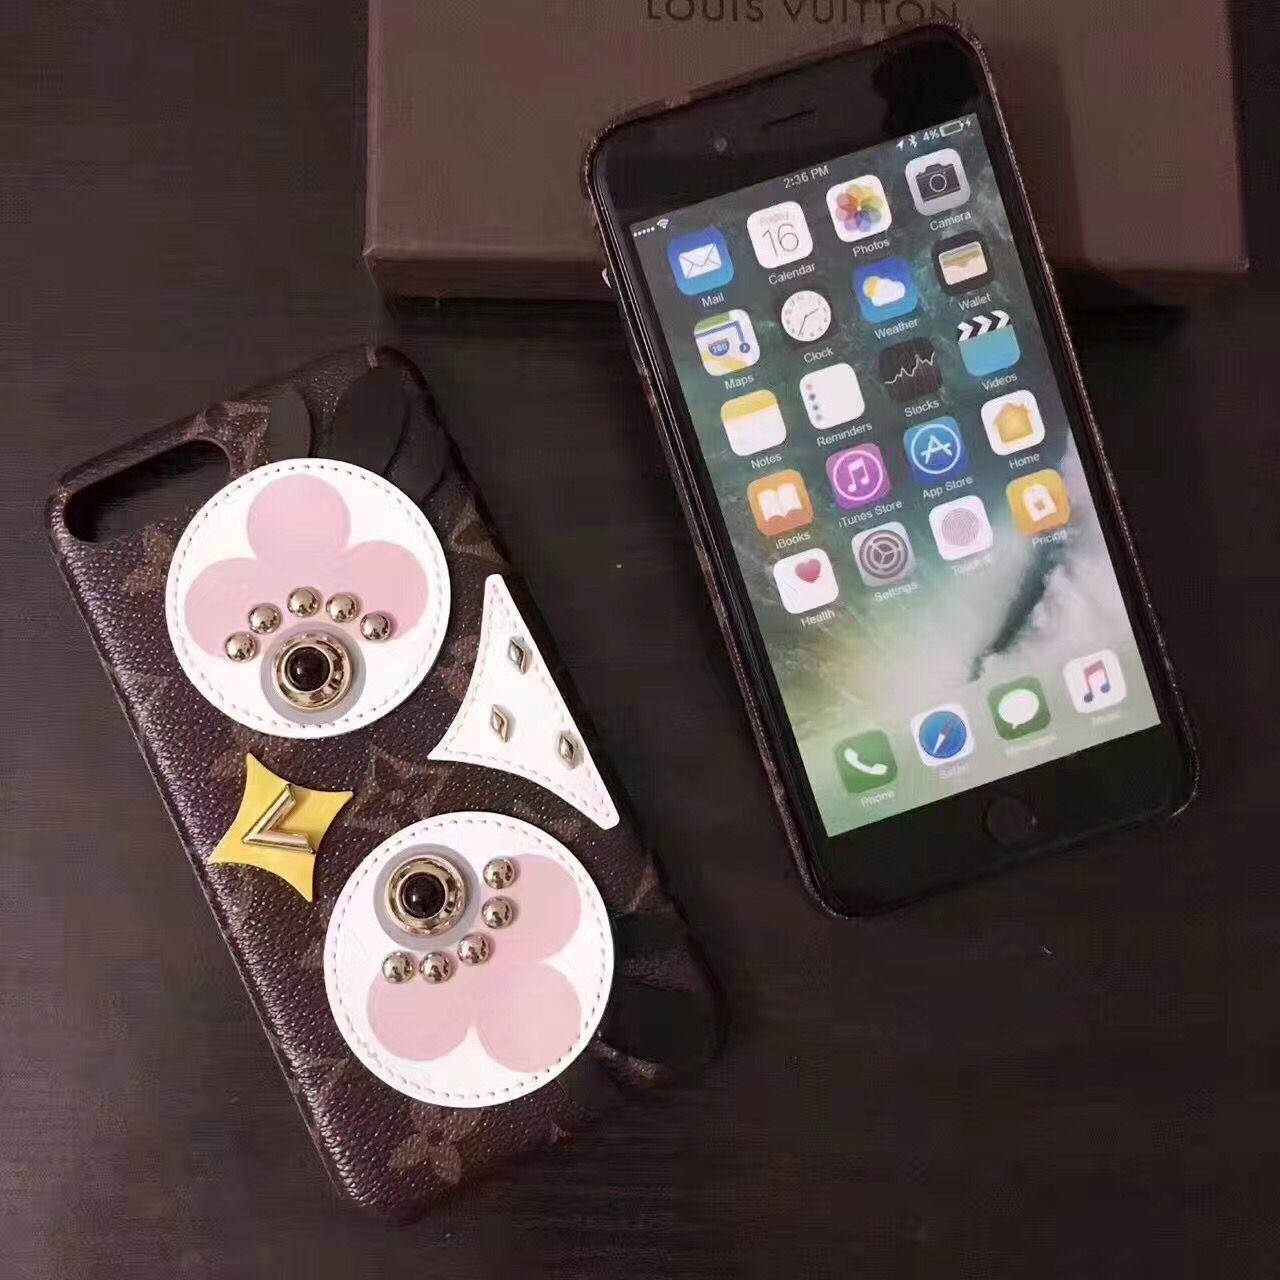 iphone 6 cases designer brands best iphone cases 6 fashion iphone6 case best iphone 6 cases personalised phone cases iphone 6 cell phone cases iphone 6 cases and covers cell phone case sites iphoene 6